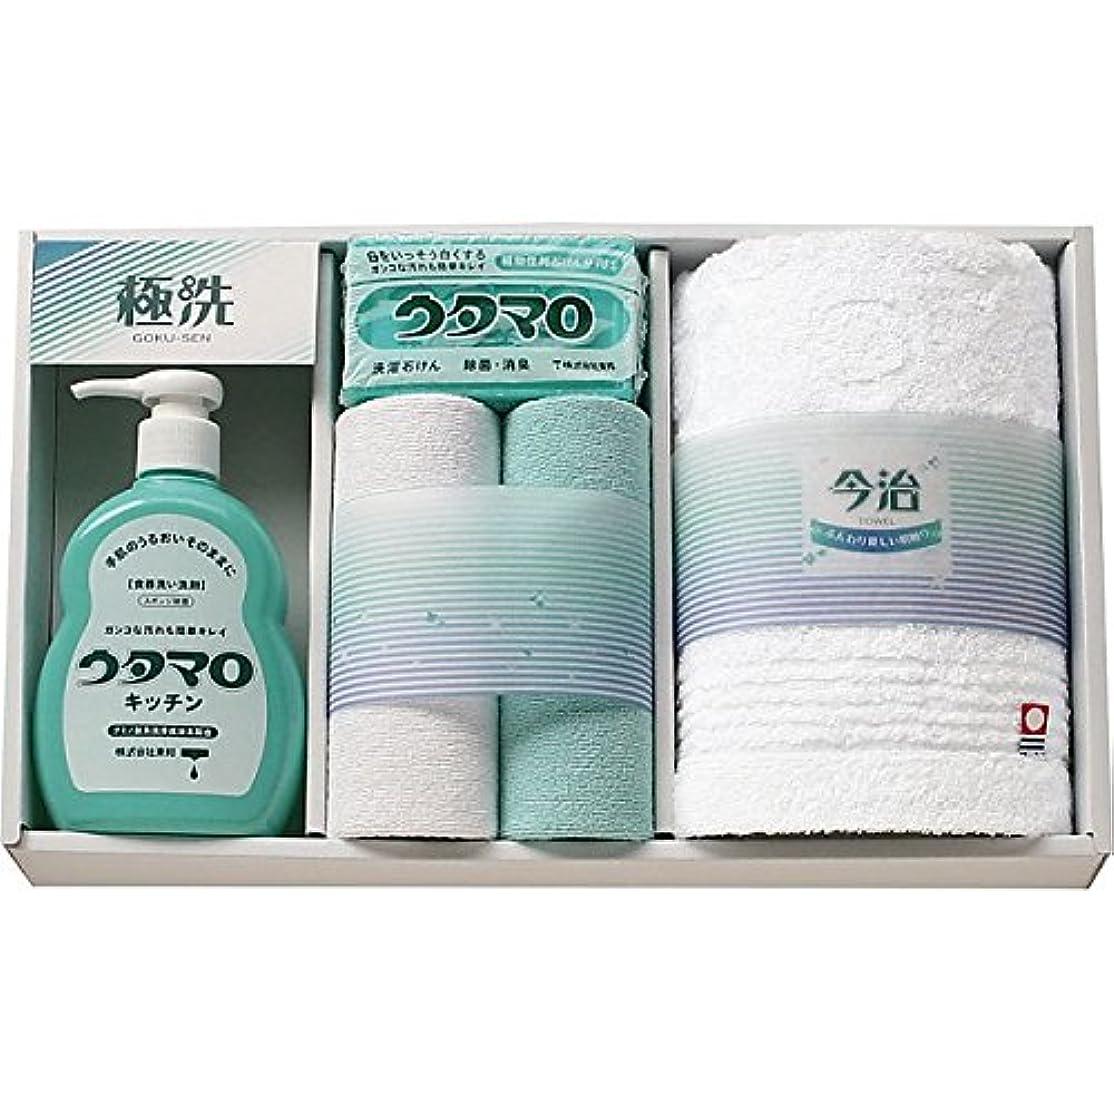 法的議論するから聞く(ウタマロ) 石鹸・キッチン洗剤ギフト (835-1055r)